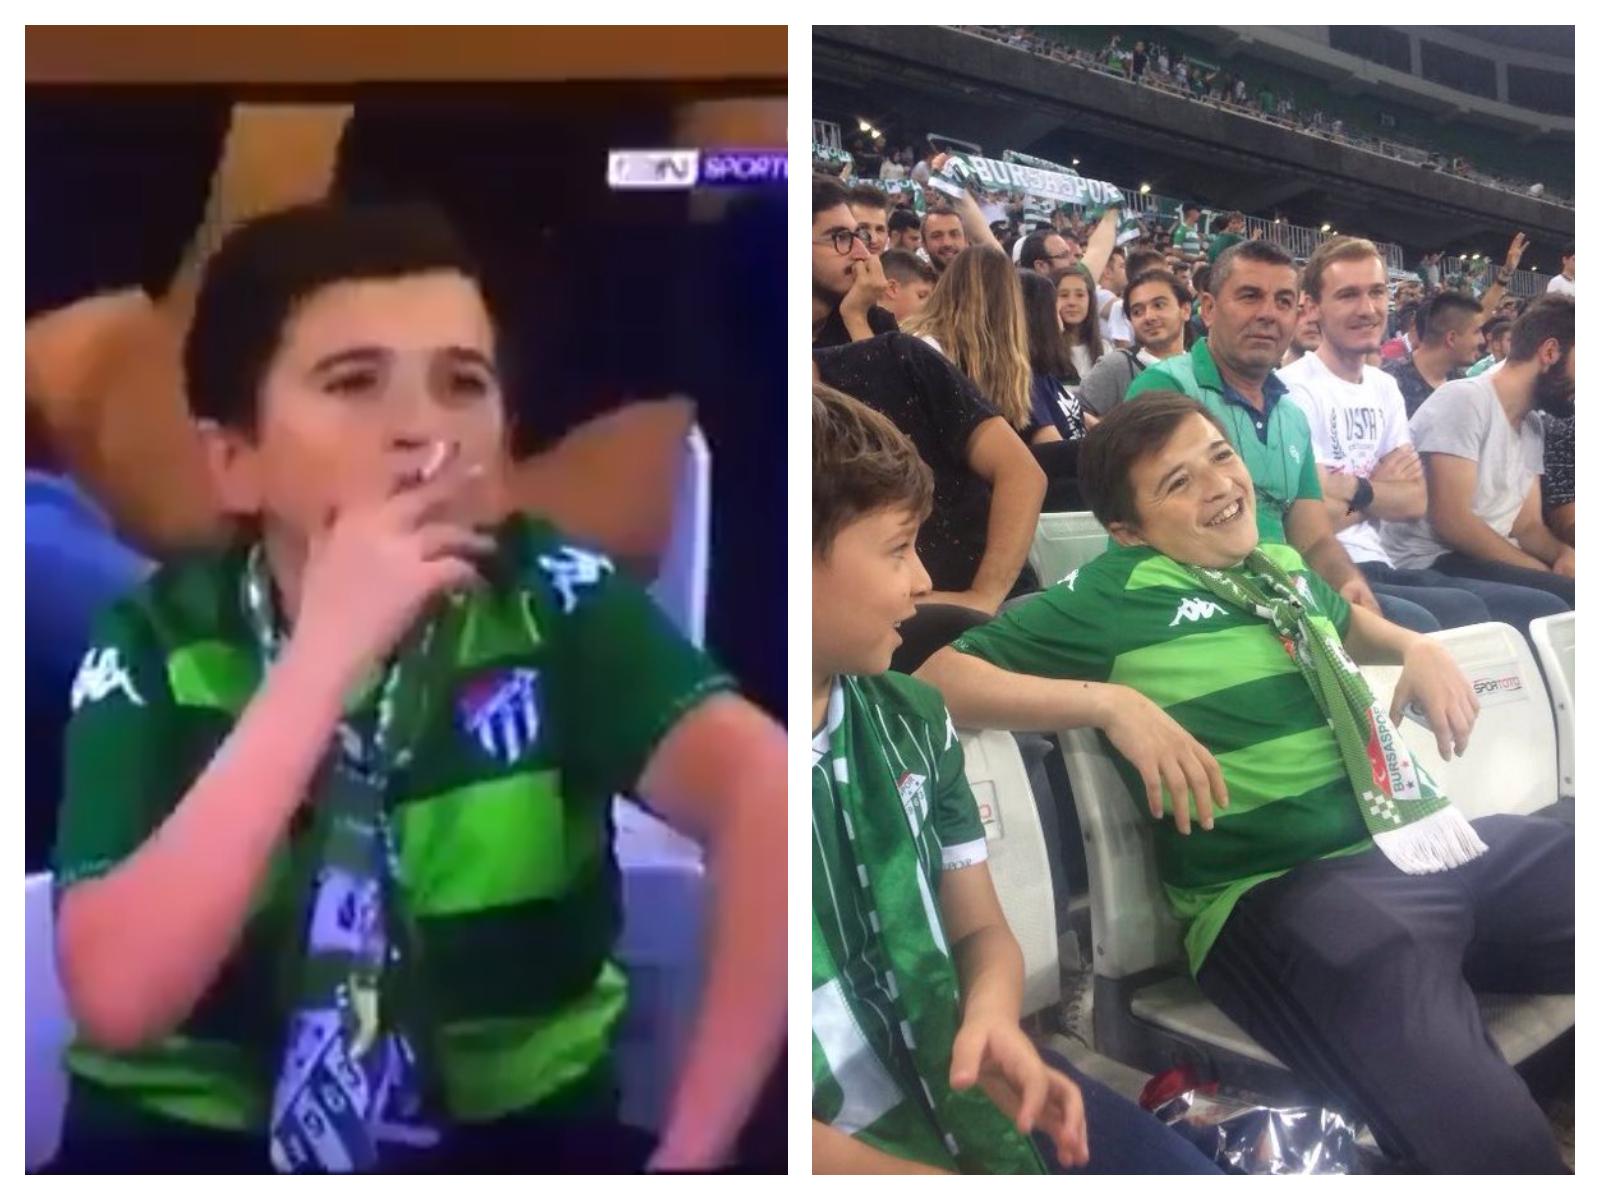 La vérité derrière la vidéo de «l'enfant» en train de fumer lors d'un match de football